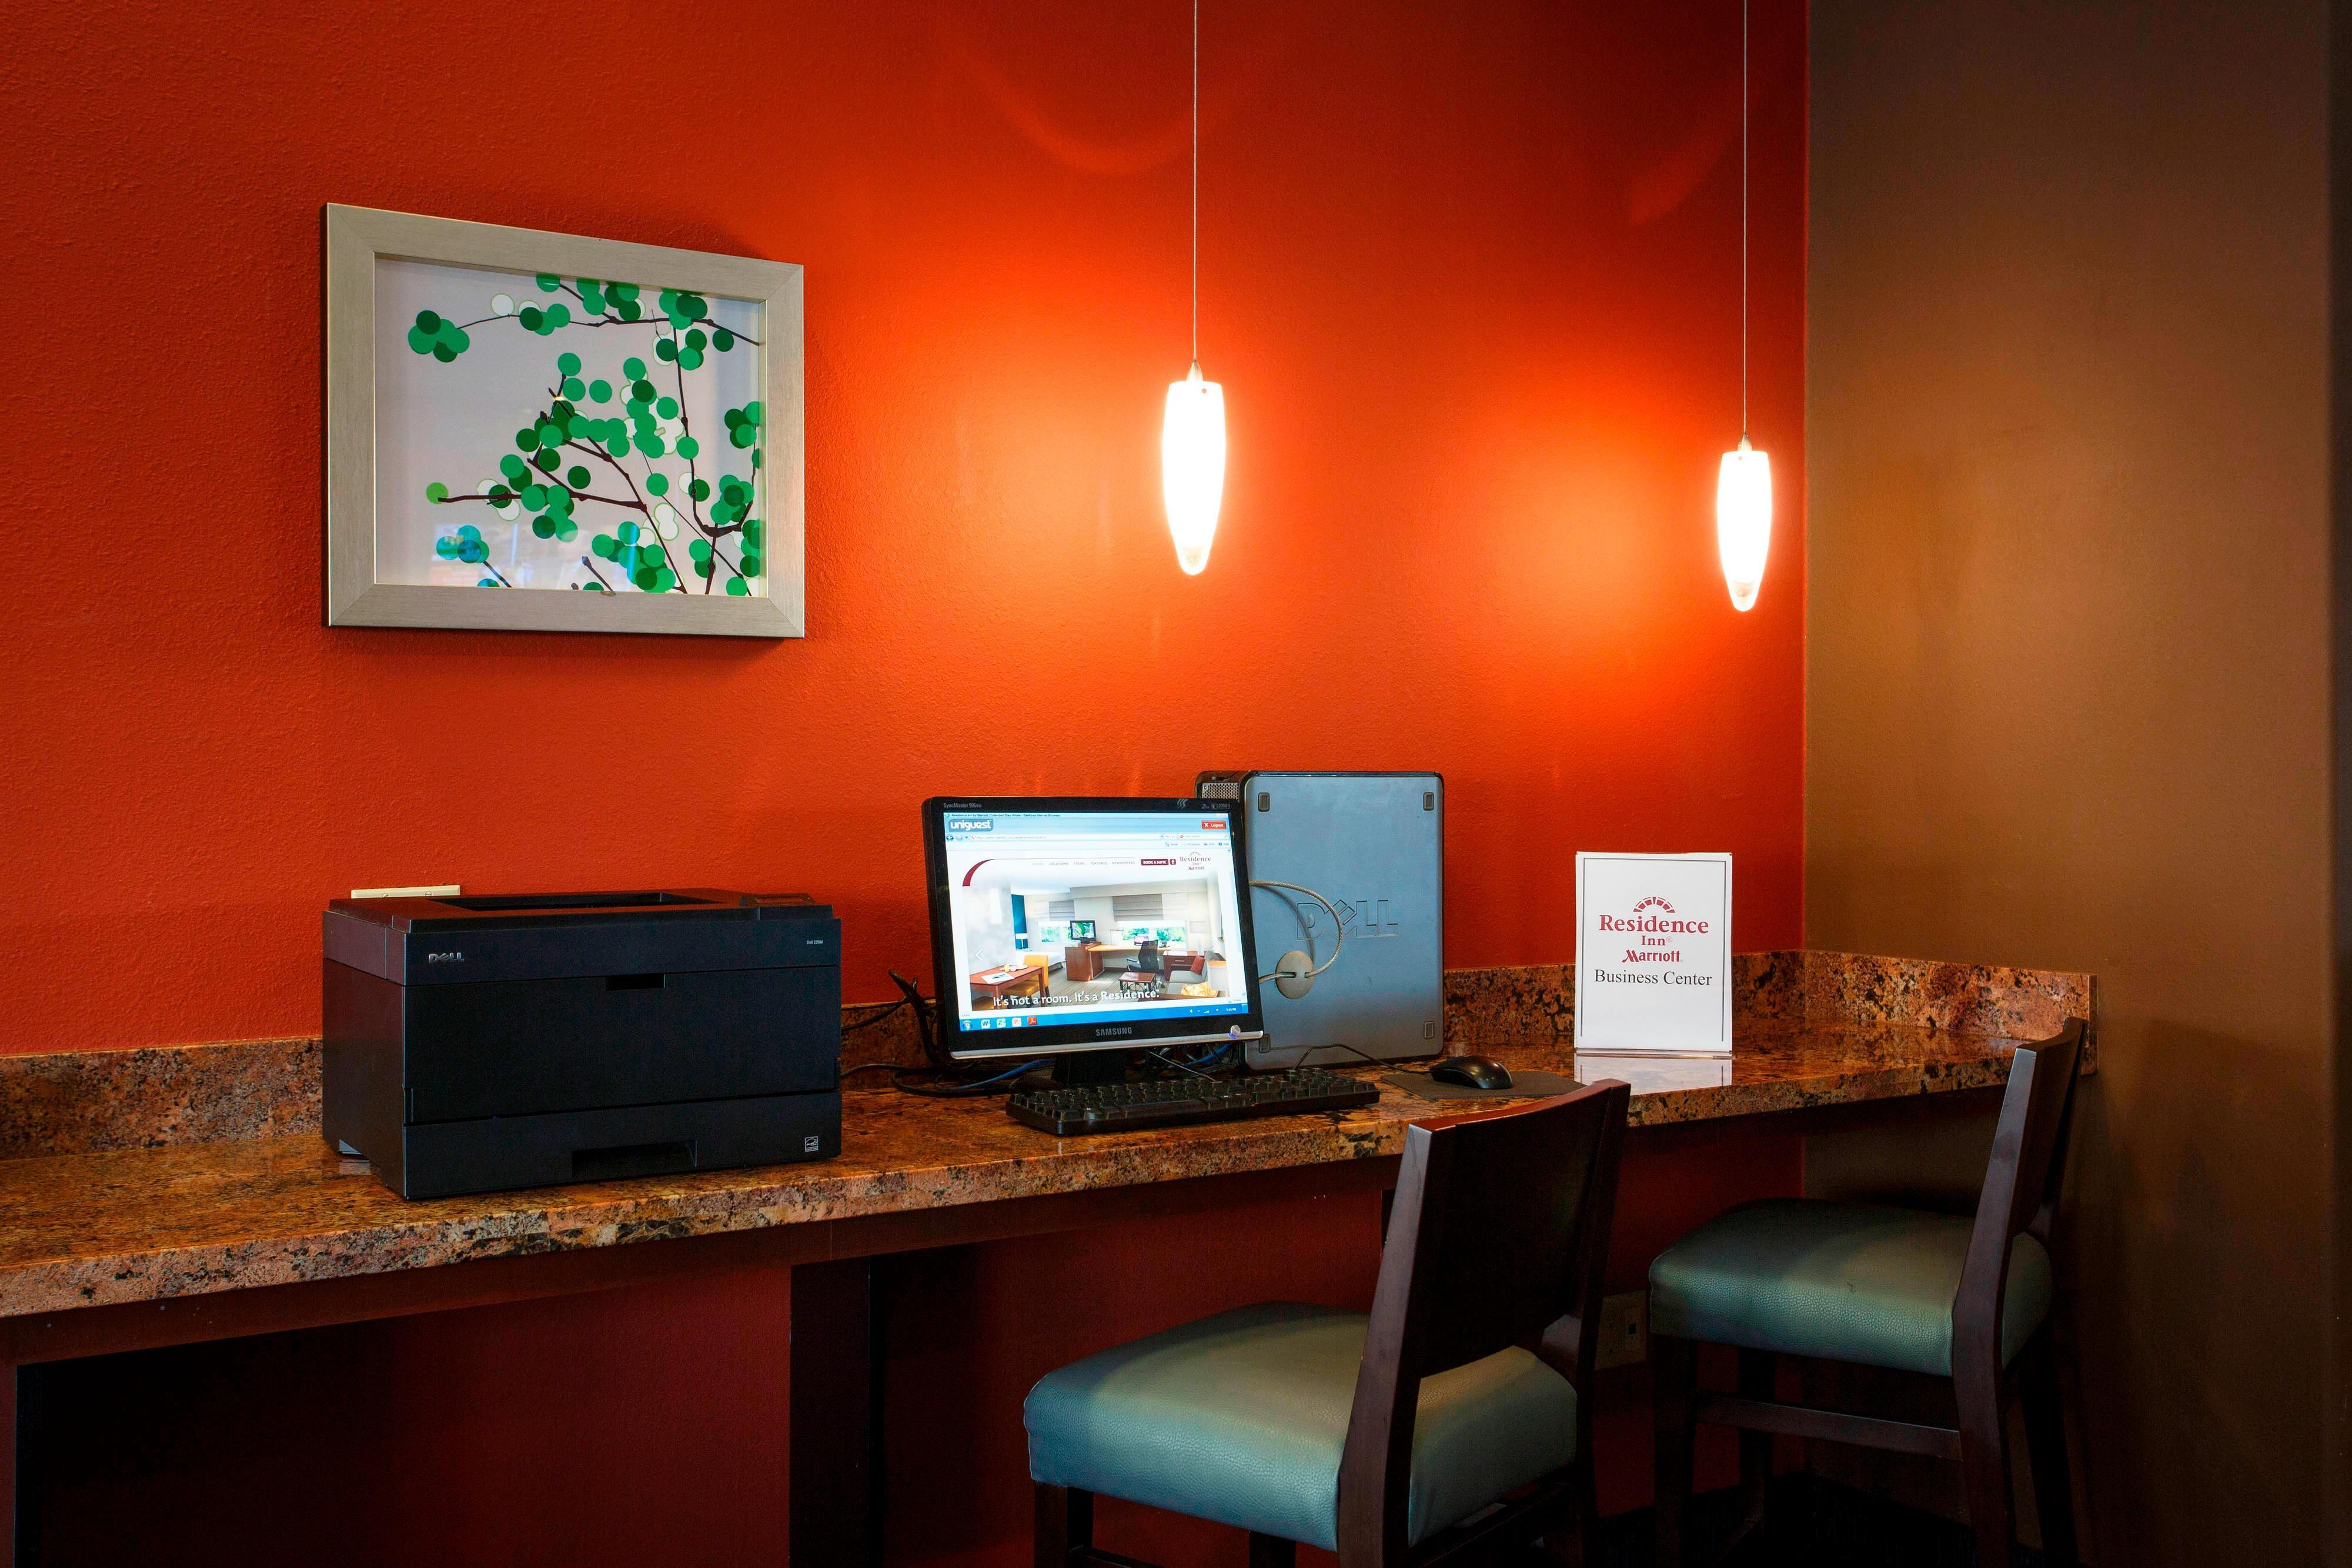 Residence Inn Business Center